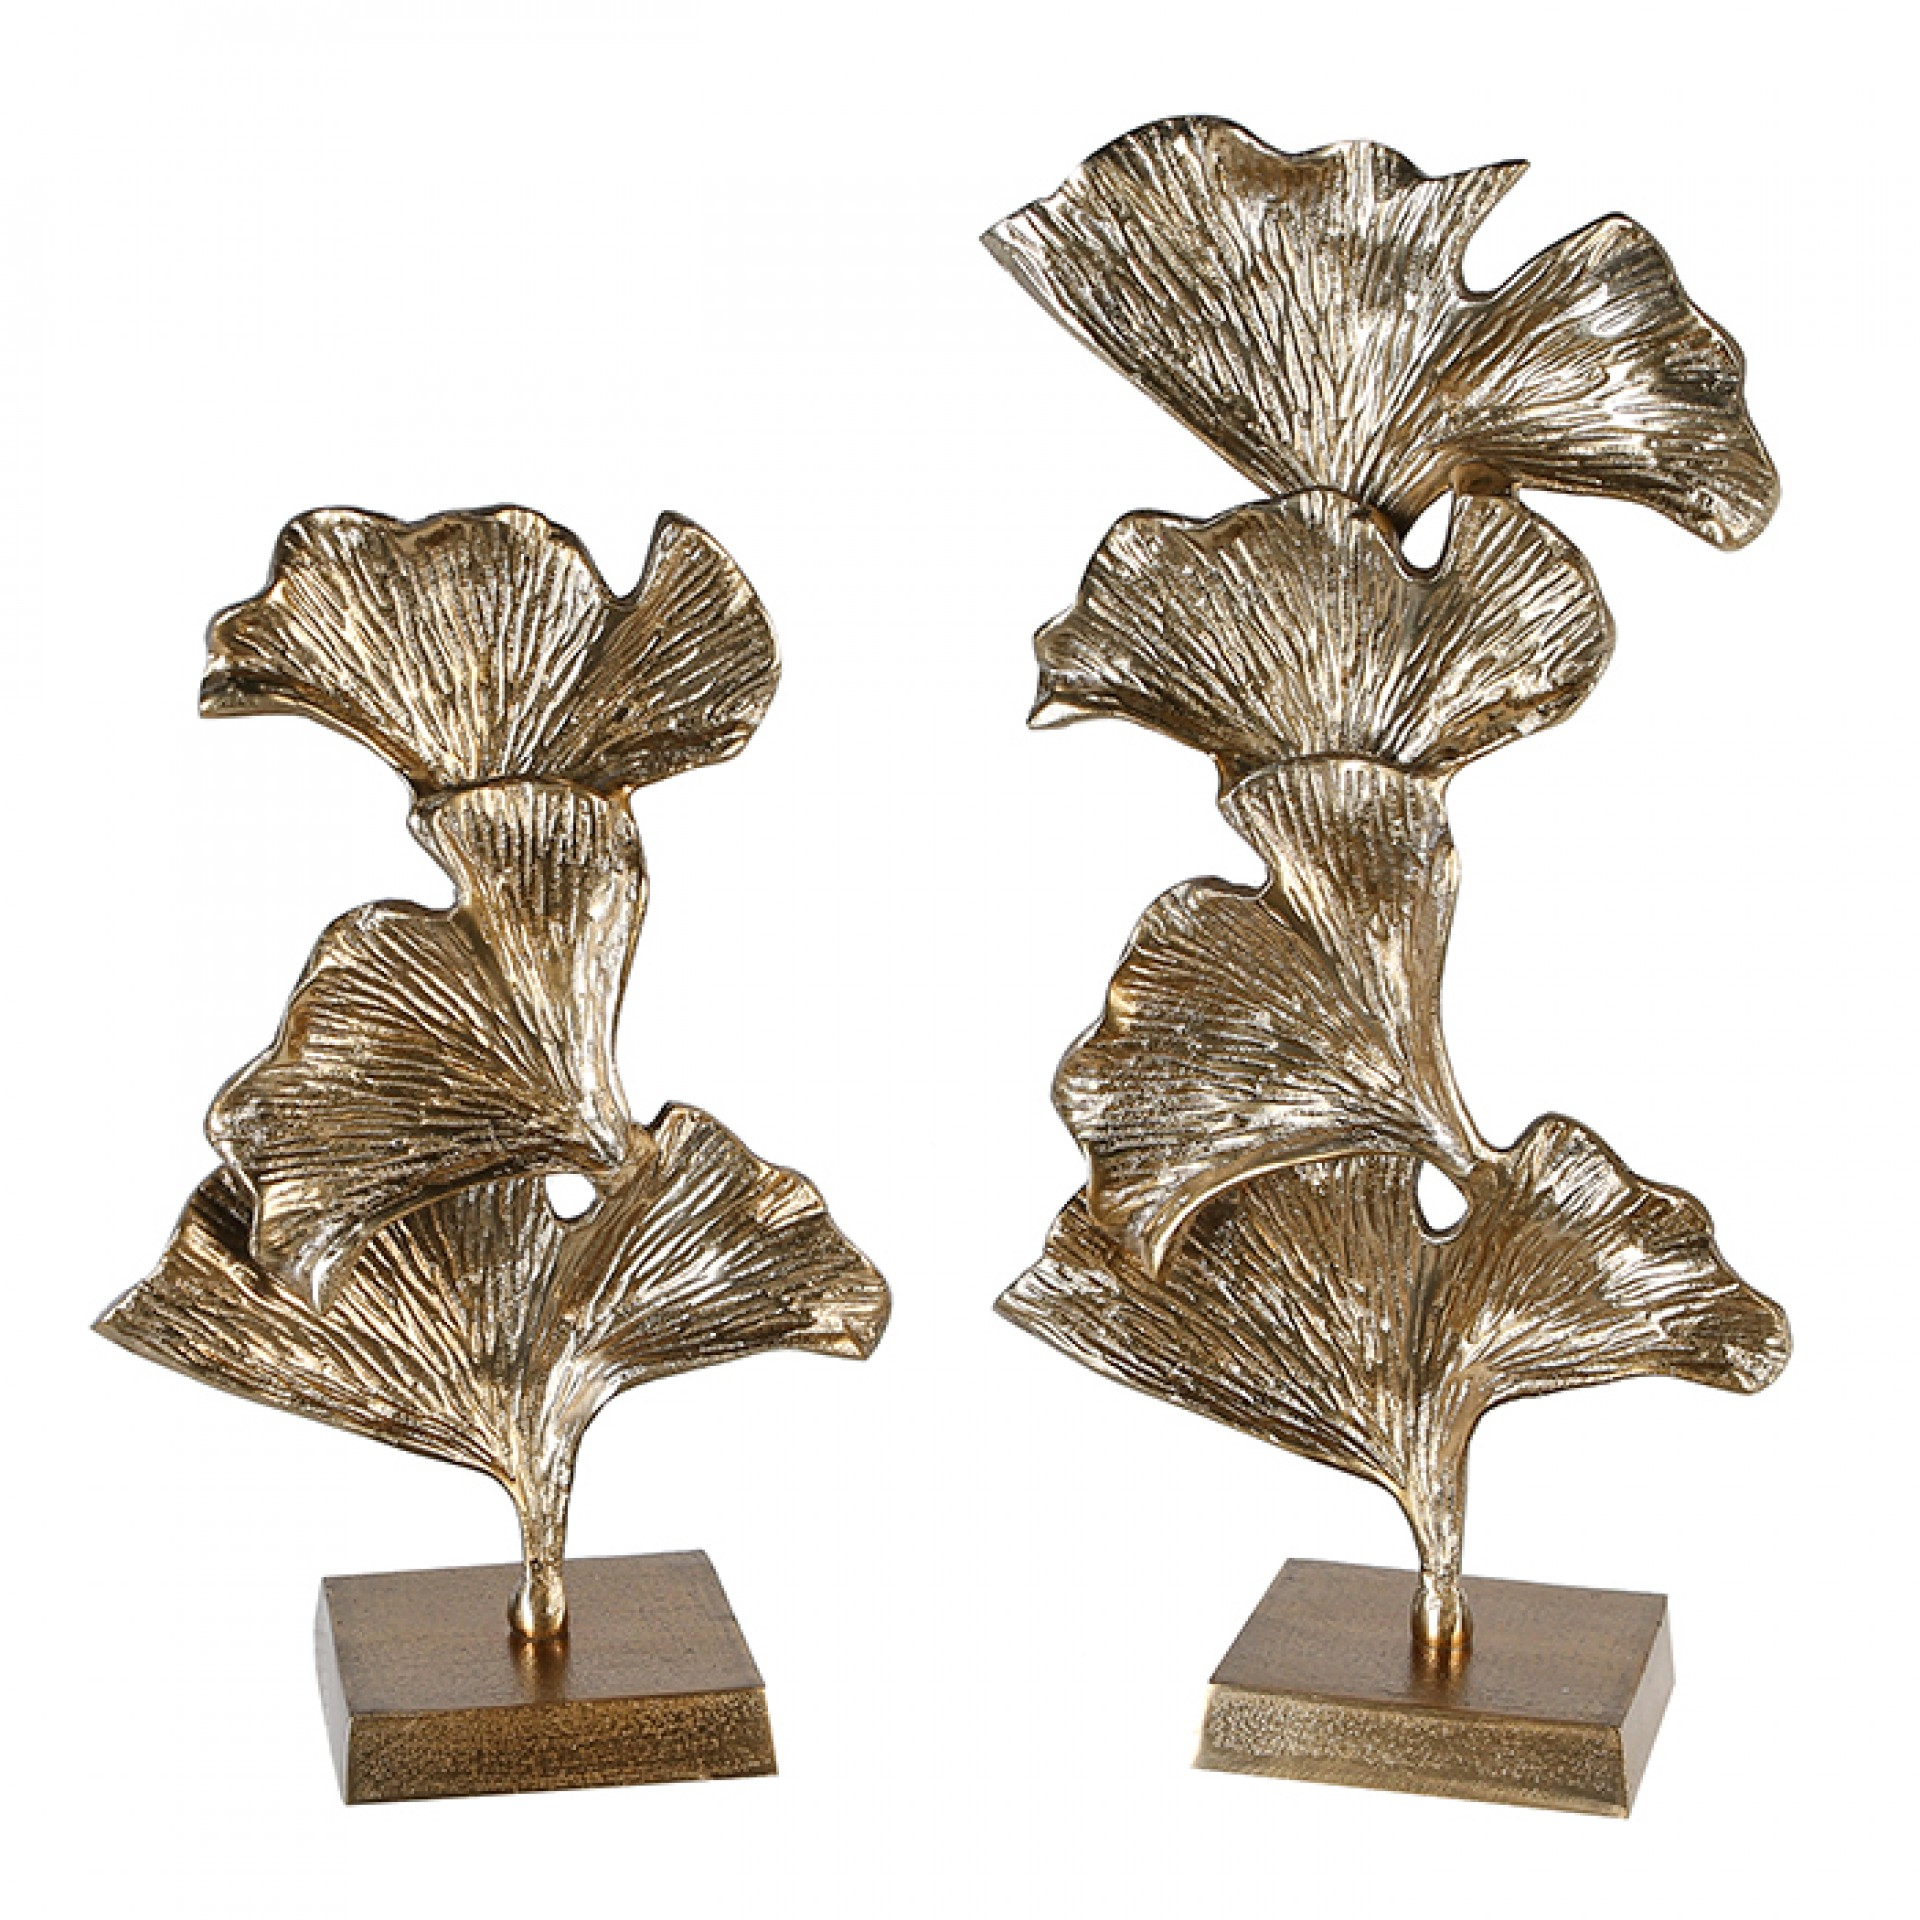 Hliníková dekorace Ginkgo, 49 cm, zlatá